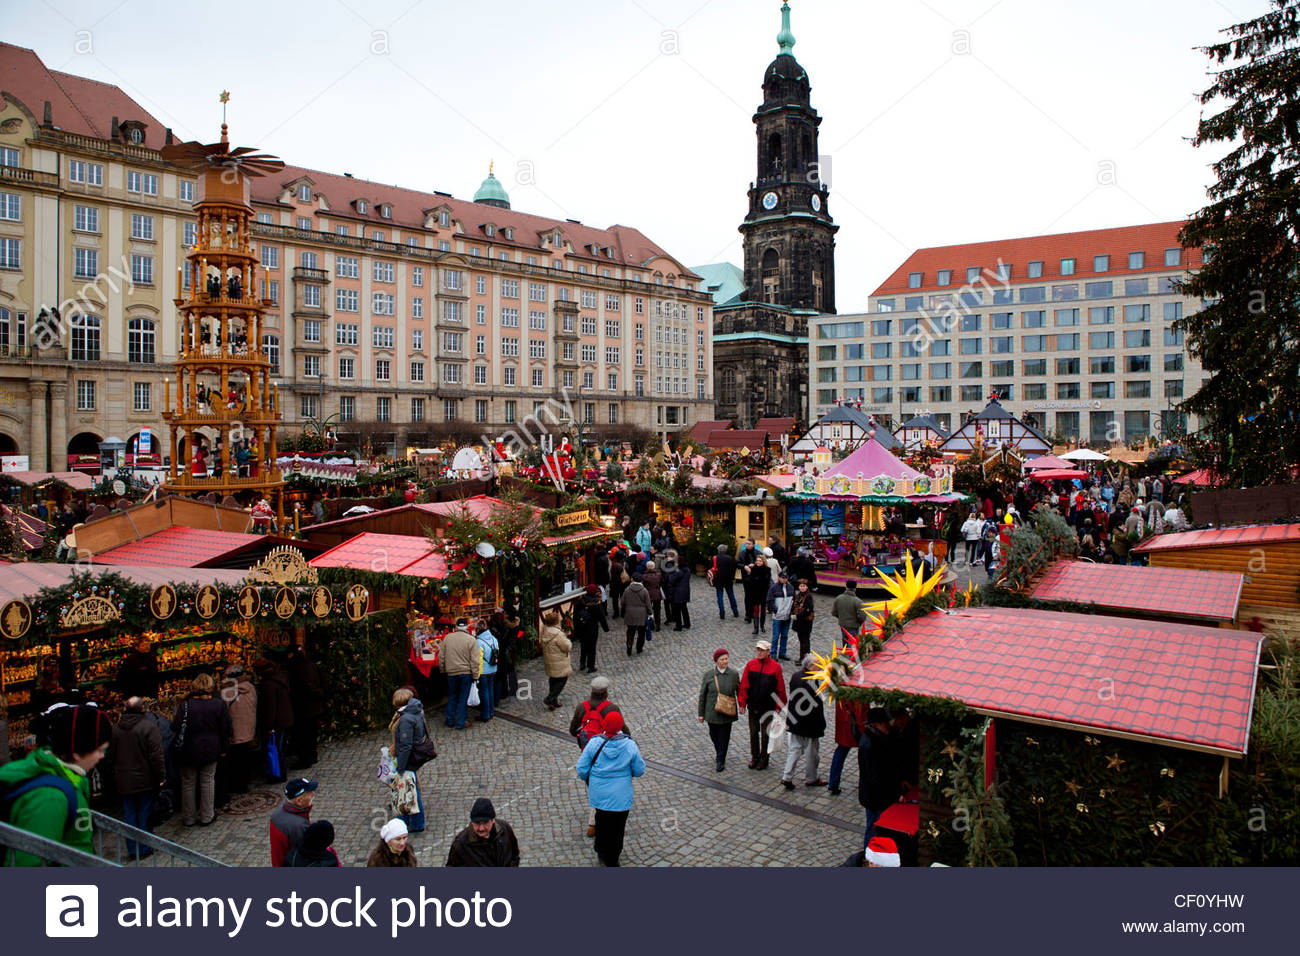 Striezelmarkt Dresden Stock Photos & Striezelmarkt Dresden Stock.